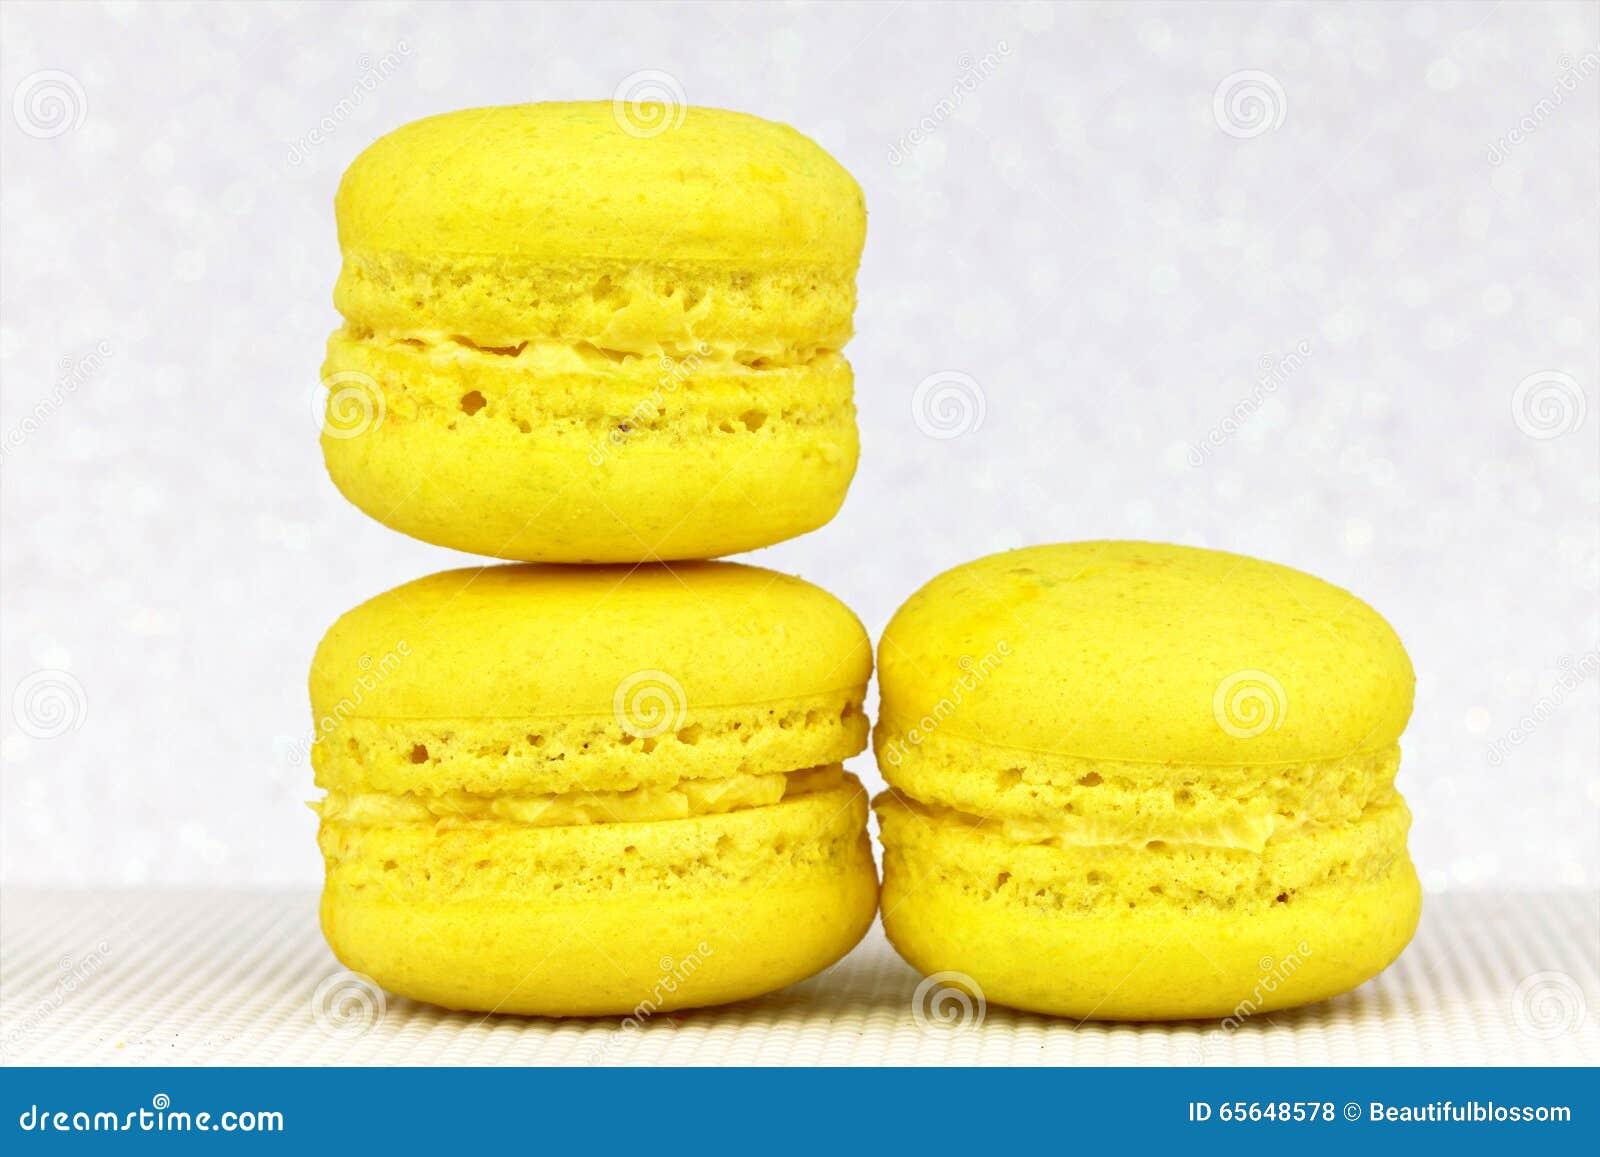 Macaron coloré savoureux